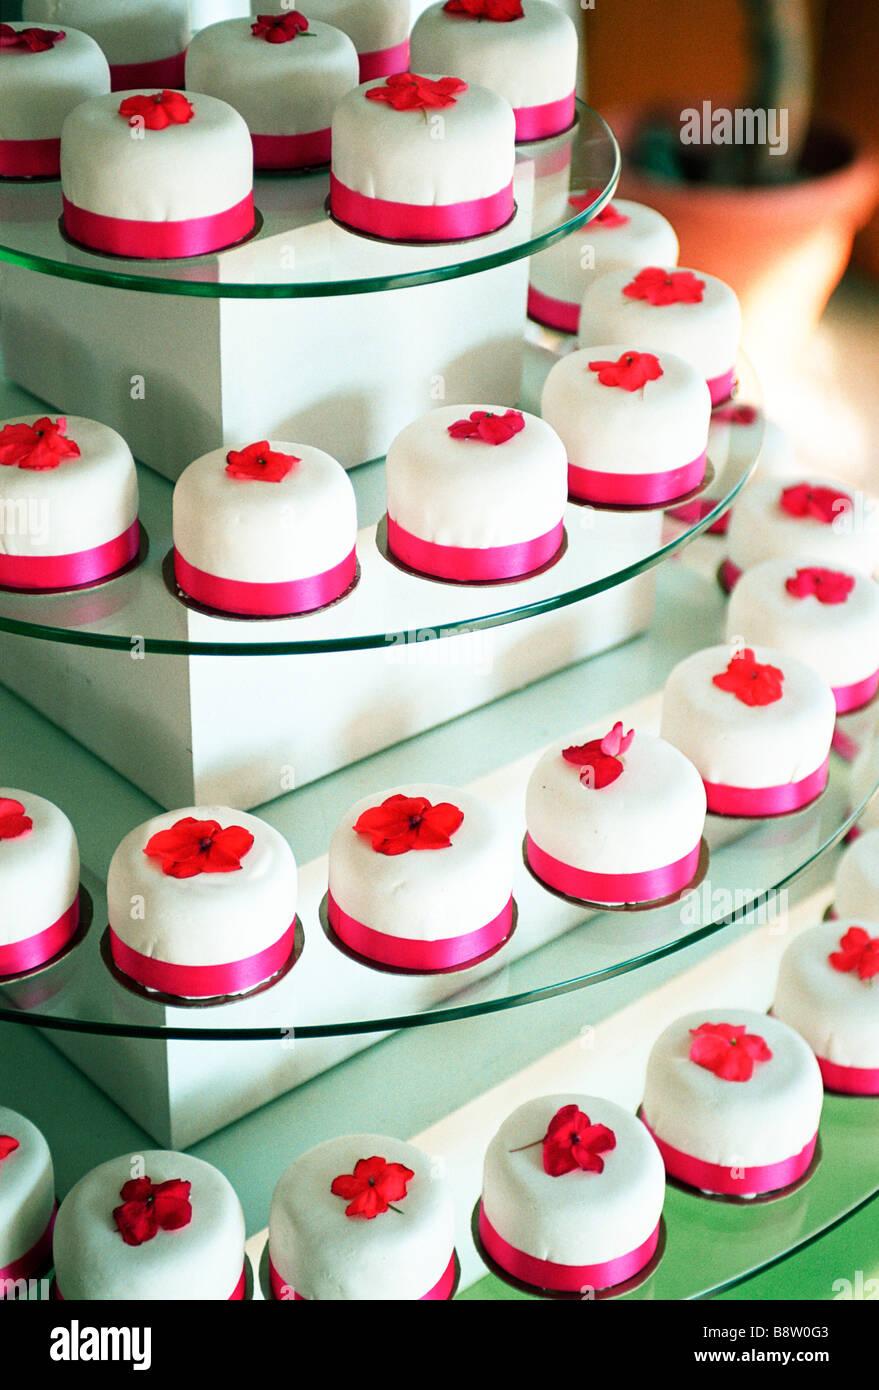 Bunte Cupcakes auf einem mehrstufigen Teller Stockfoto